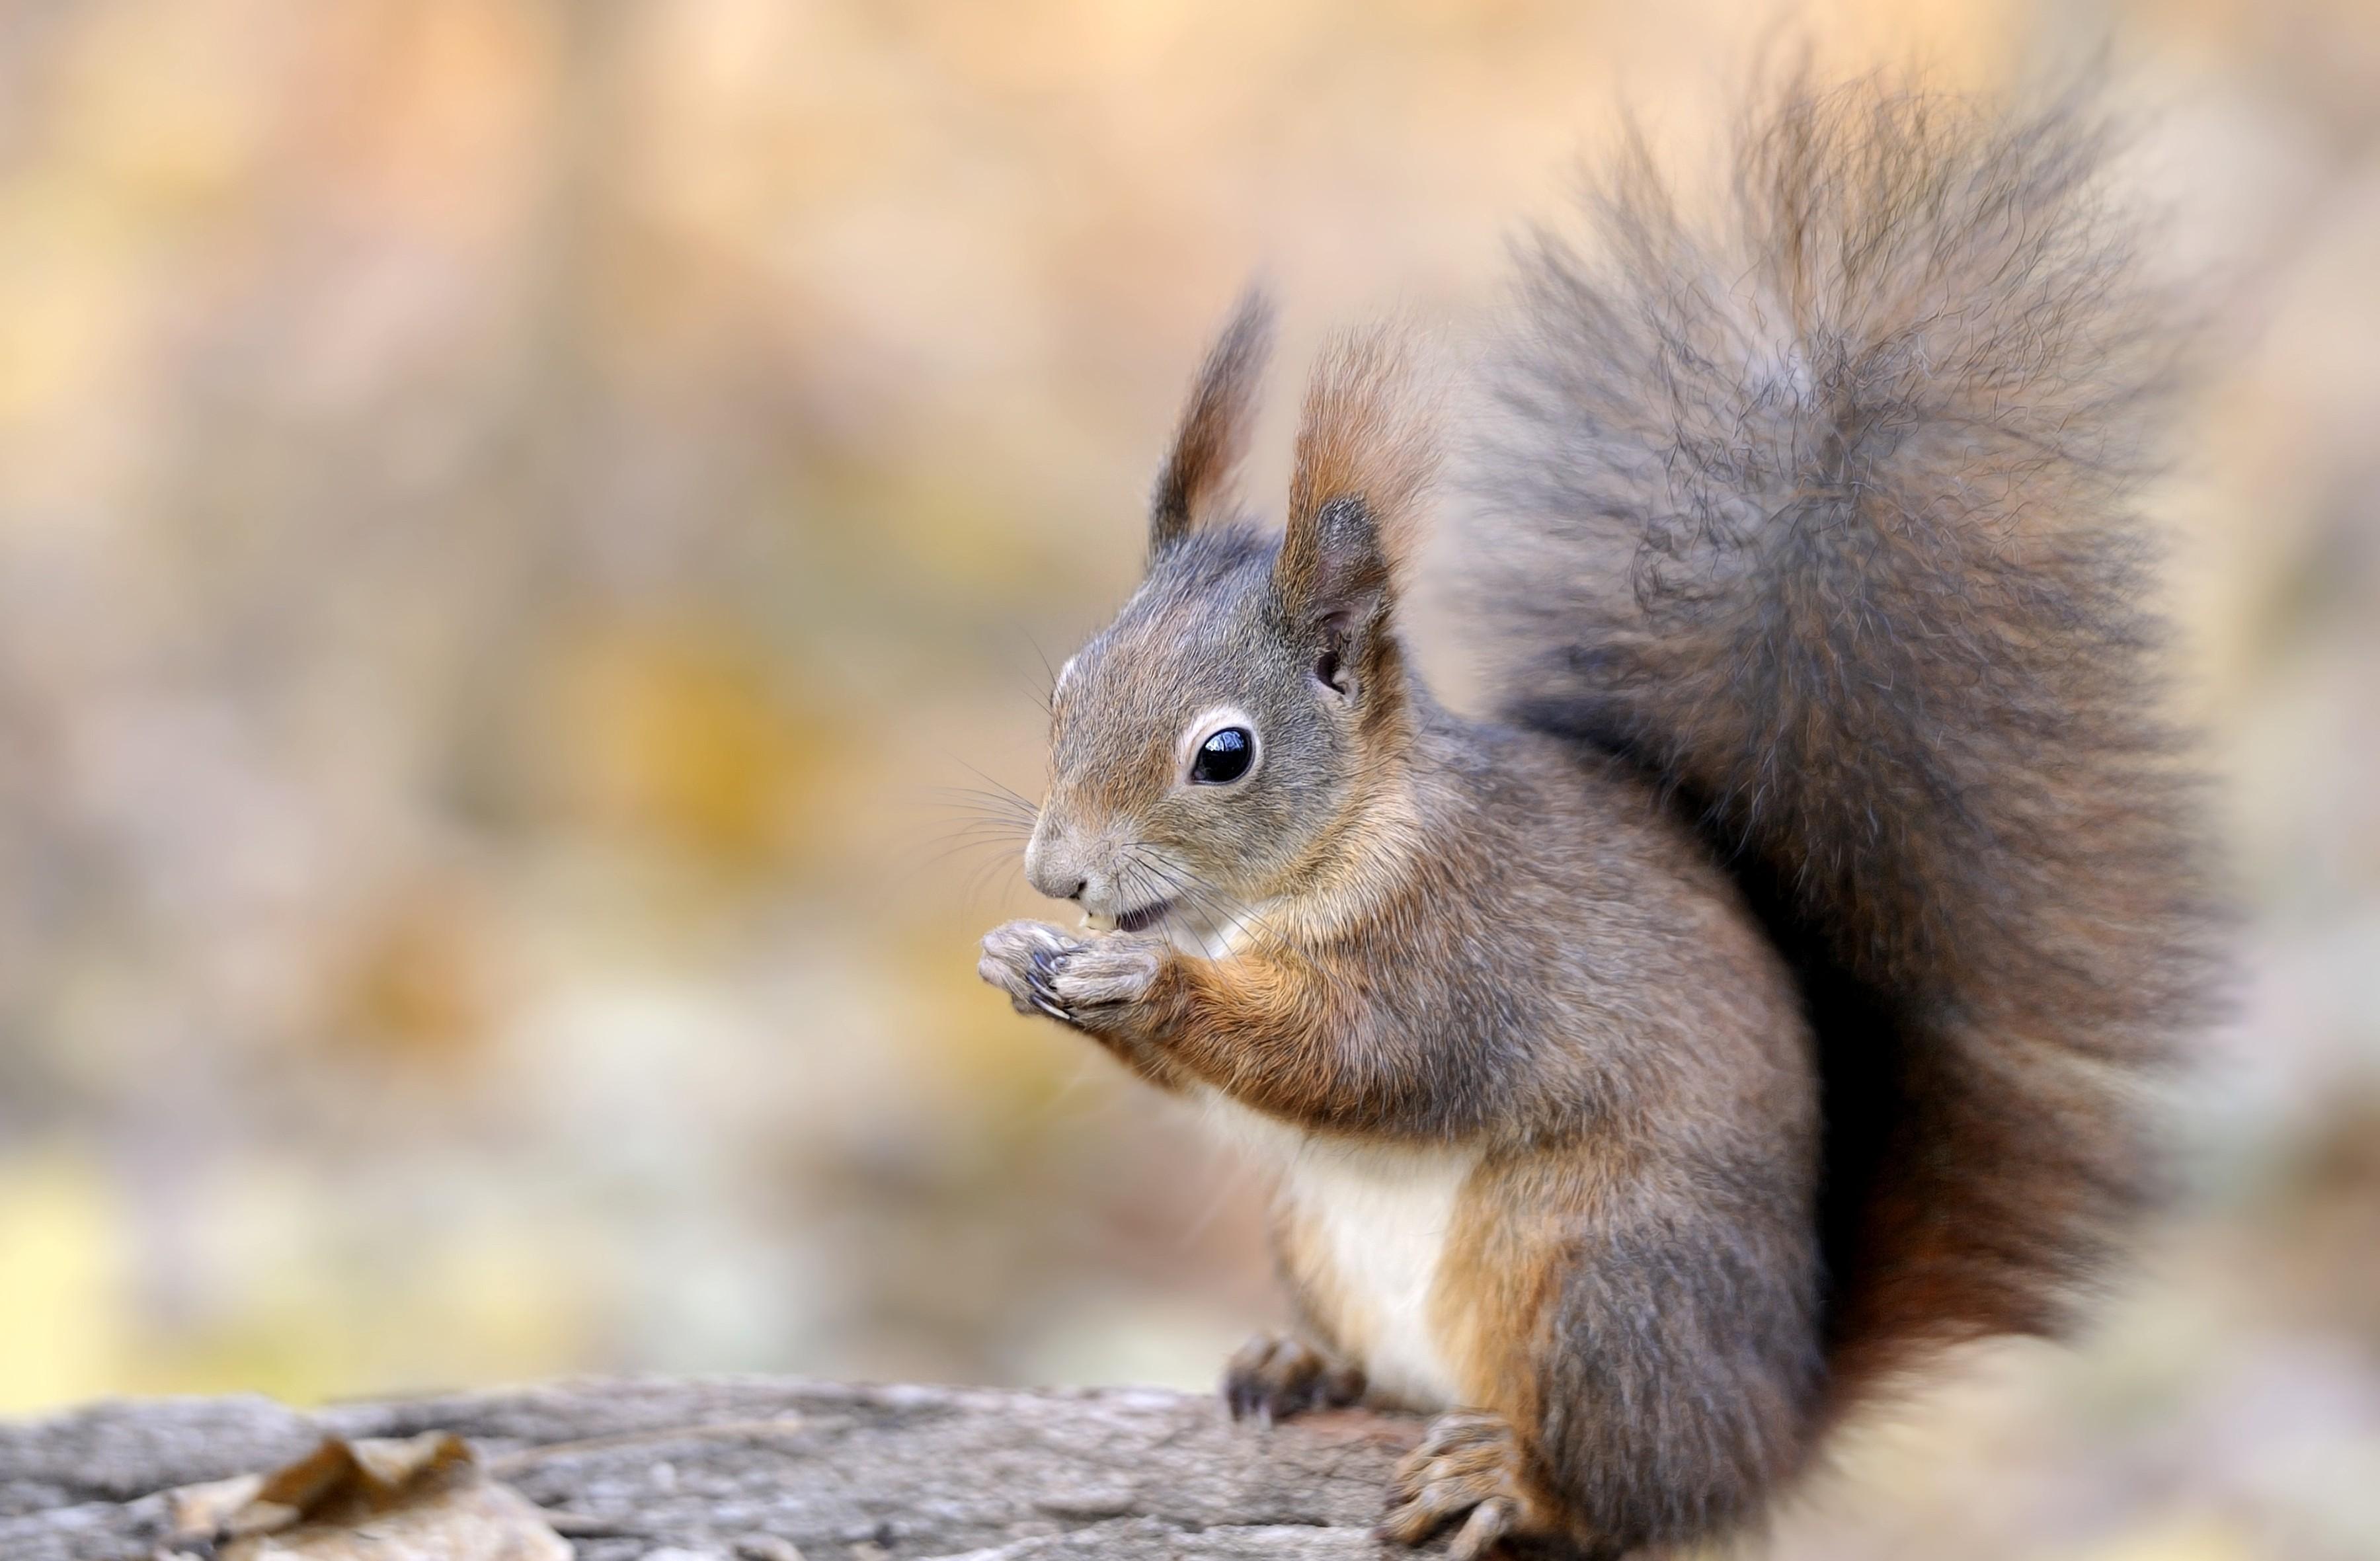 squirrel pics free